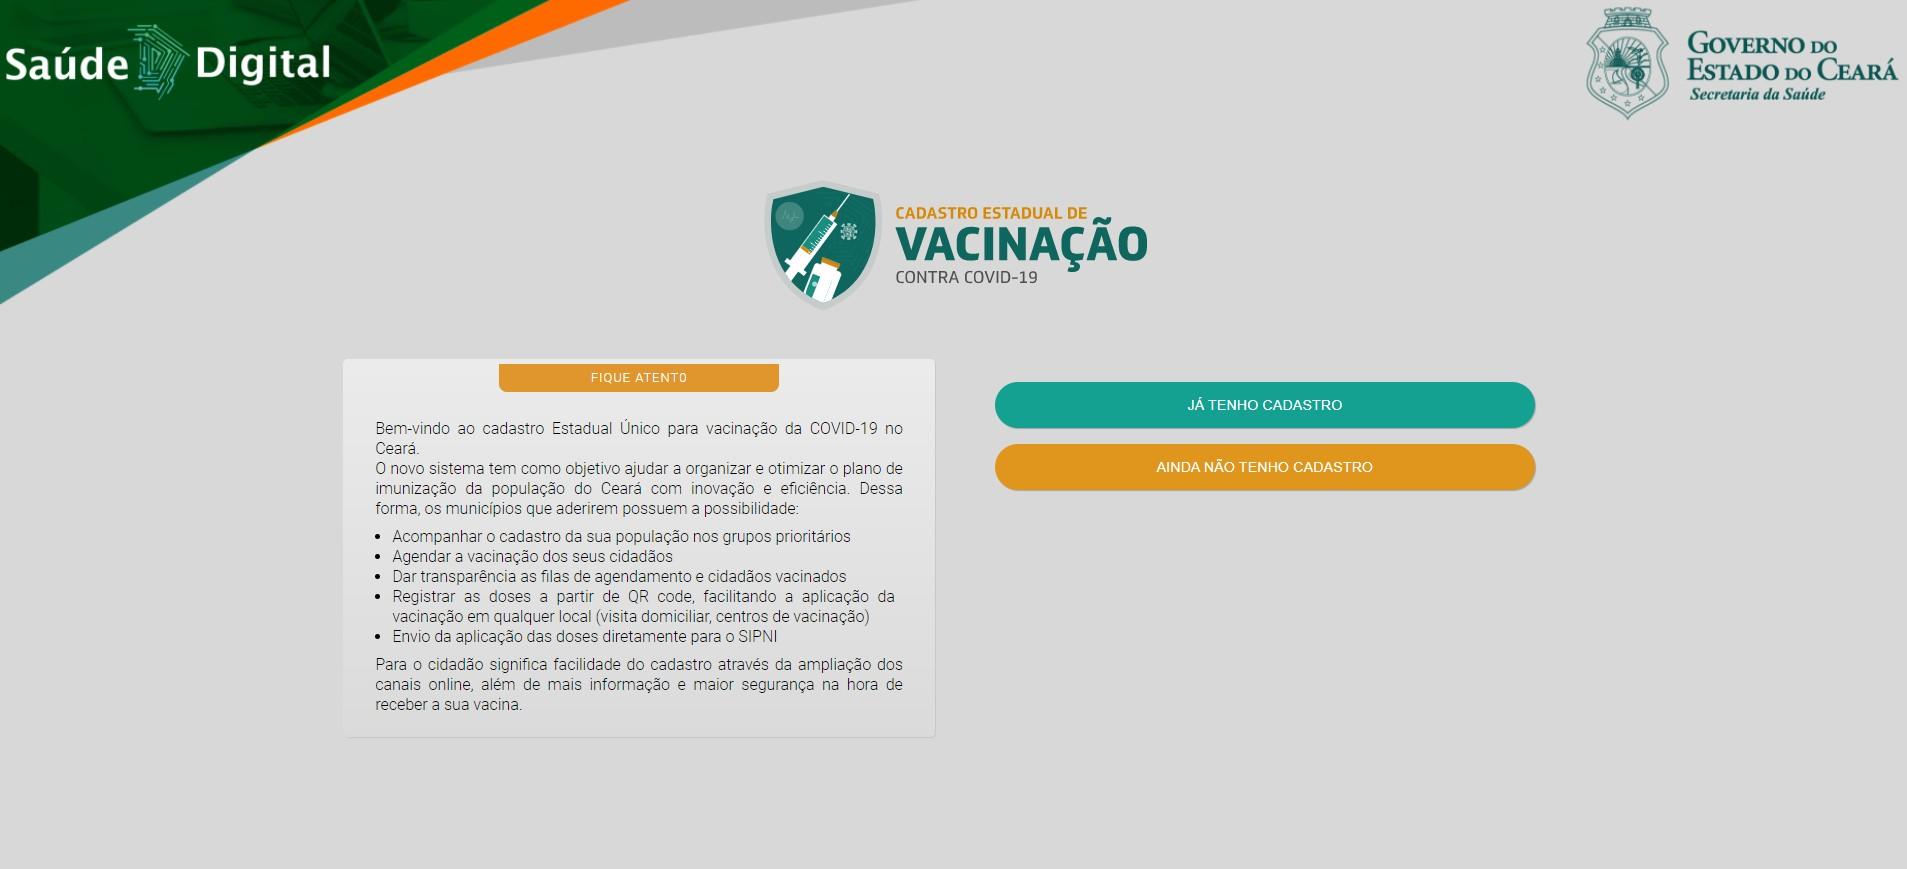 Jovens de 12 a 17 anos já podem se cadastrar para receber a vacina contra a Covid-19 no Ceará